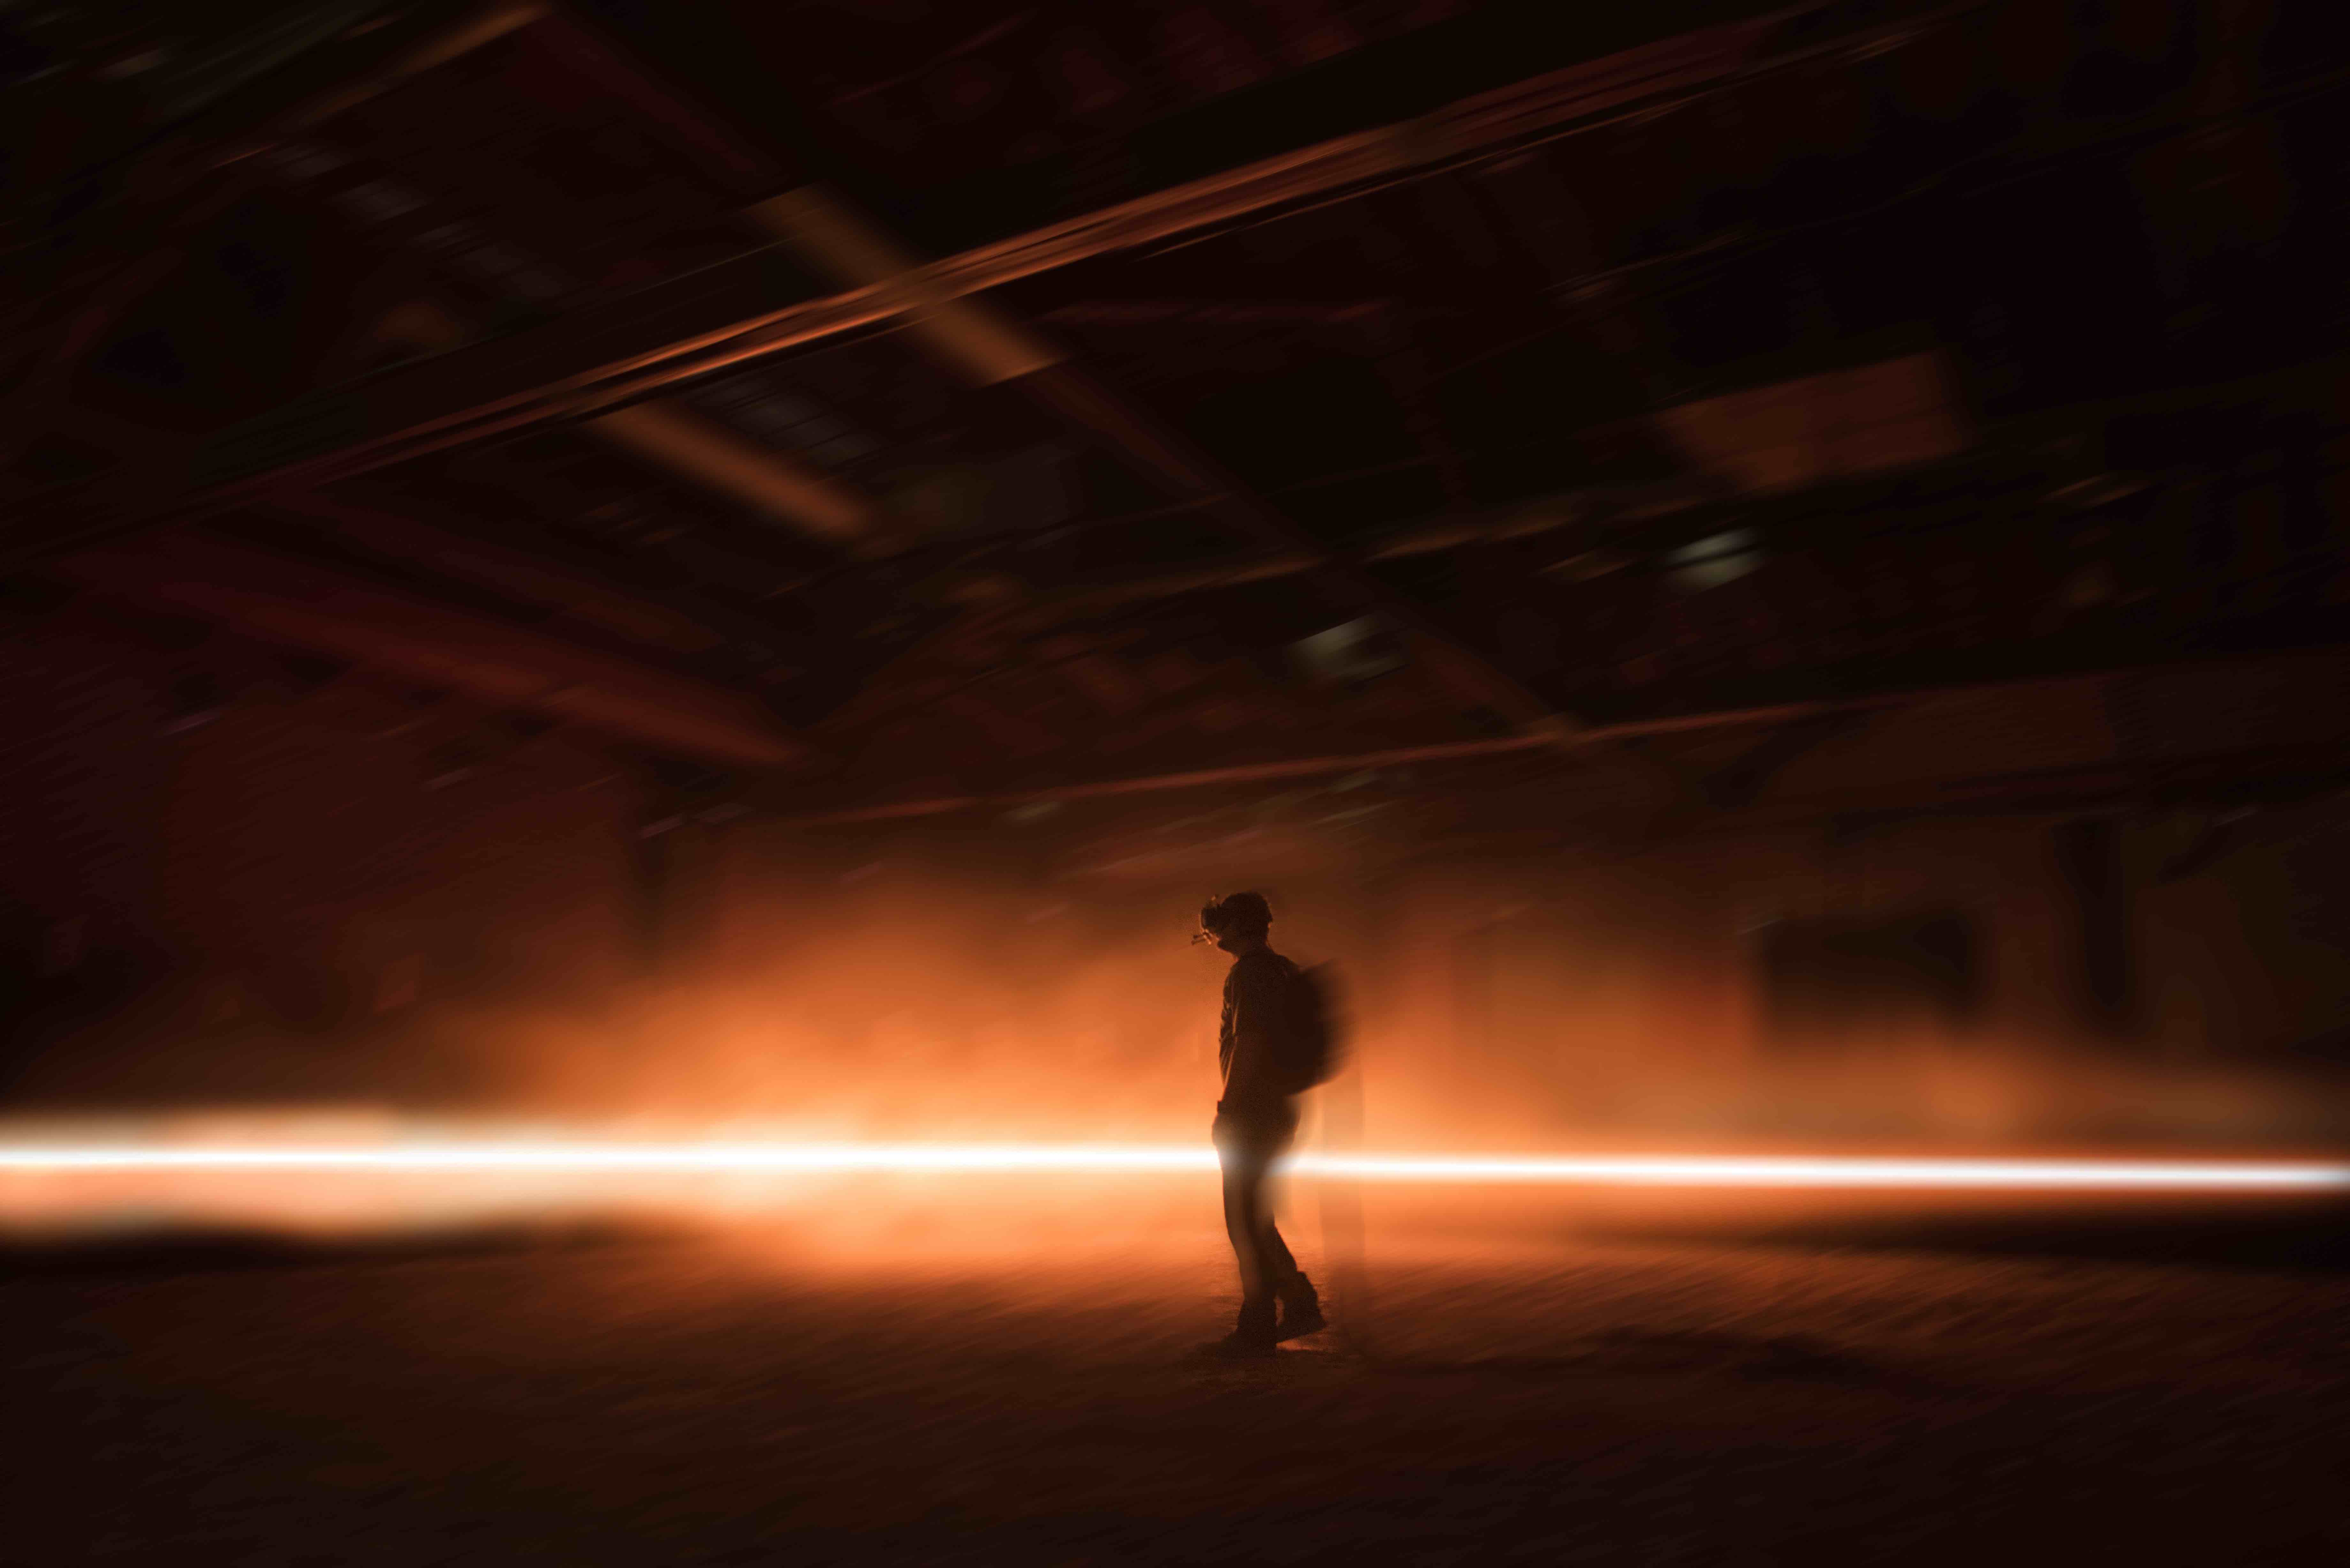 """Un visiteur de la Fondation Prada faisant l'expérience de l'œuvre en réalité virtuelle """"Carne y Arena"""" (2017), d'Alejandro González Iñárritu."""